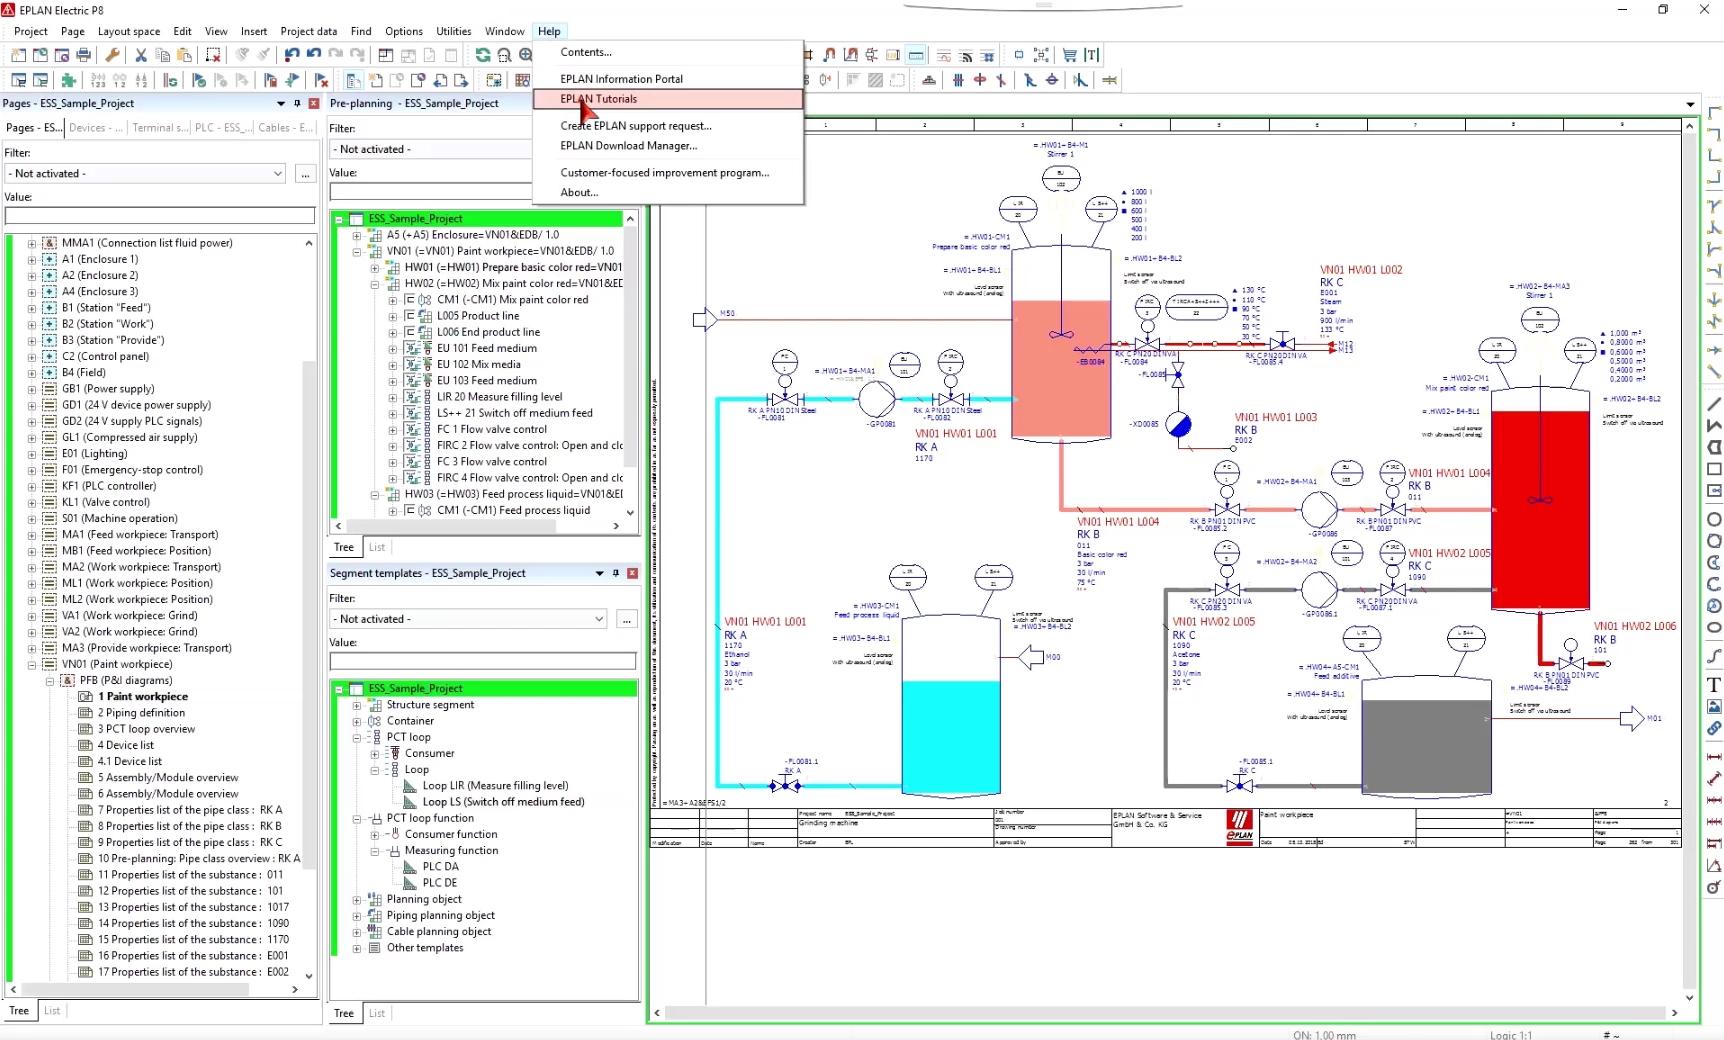 """Über die Hilfe und """"Eplan Tutorials"""" in der horizontalen Menüleiste in Eplan, gelangen Anwender mit zwei Klicks zum """"Let´s Eplan"""" Portal mit aktuellen Software-Tipps und Infos rund um Eplan."""